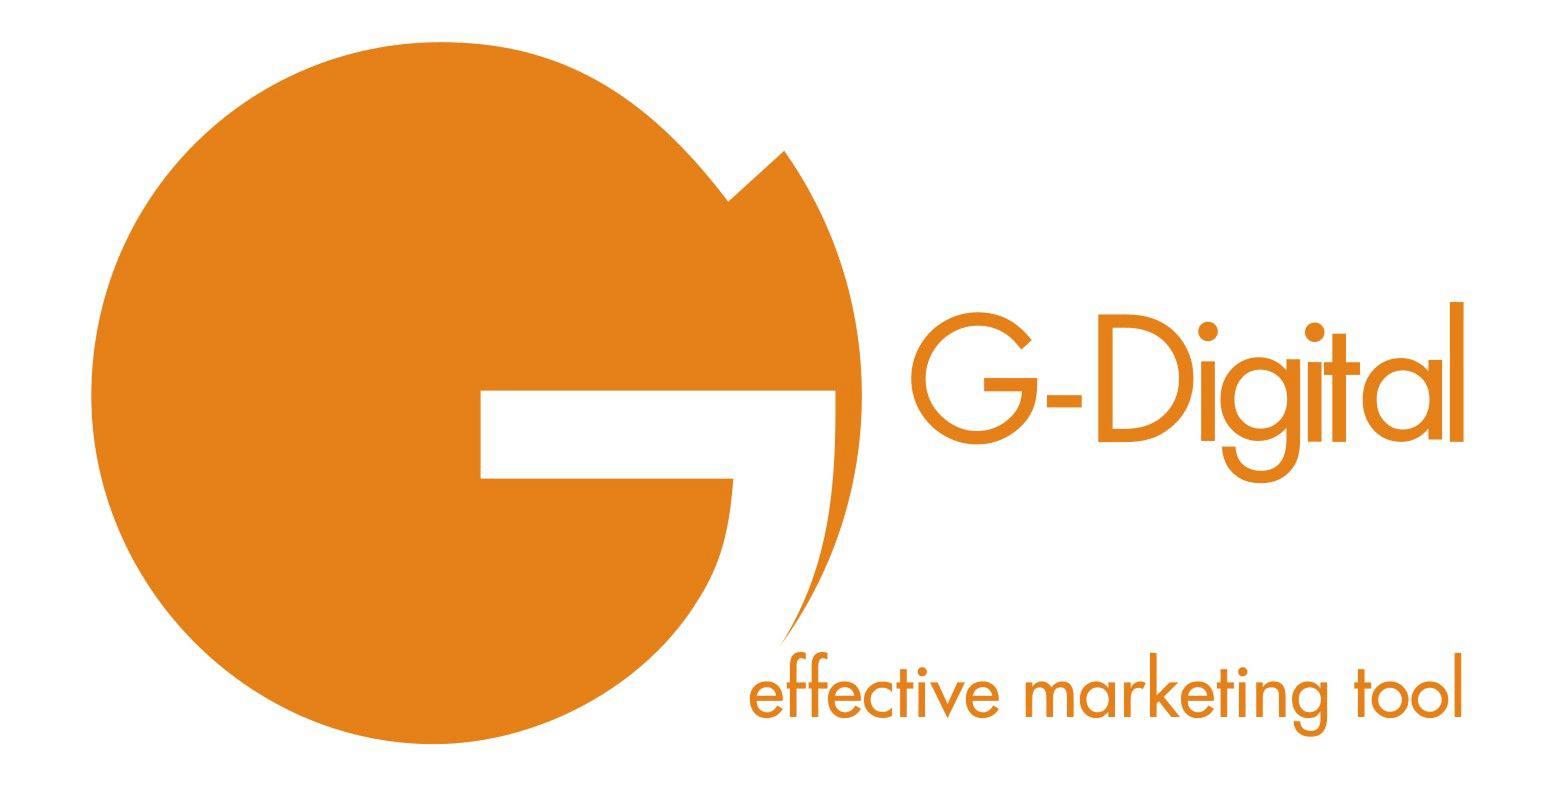 G-Digital